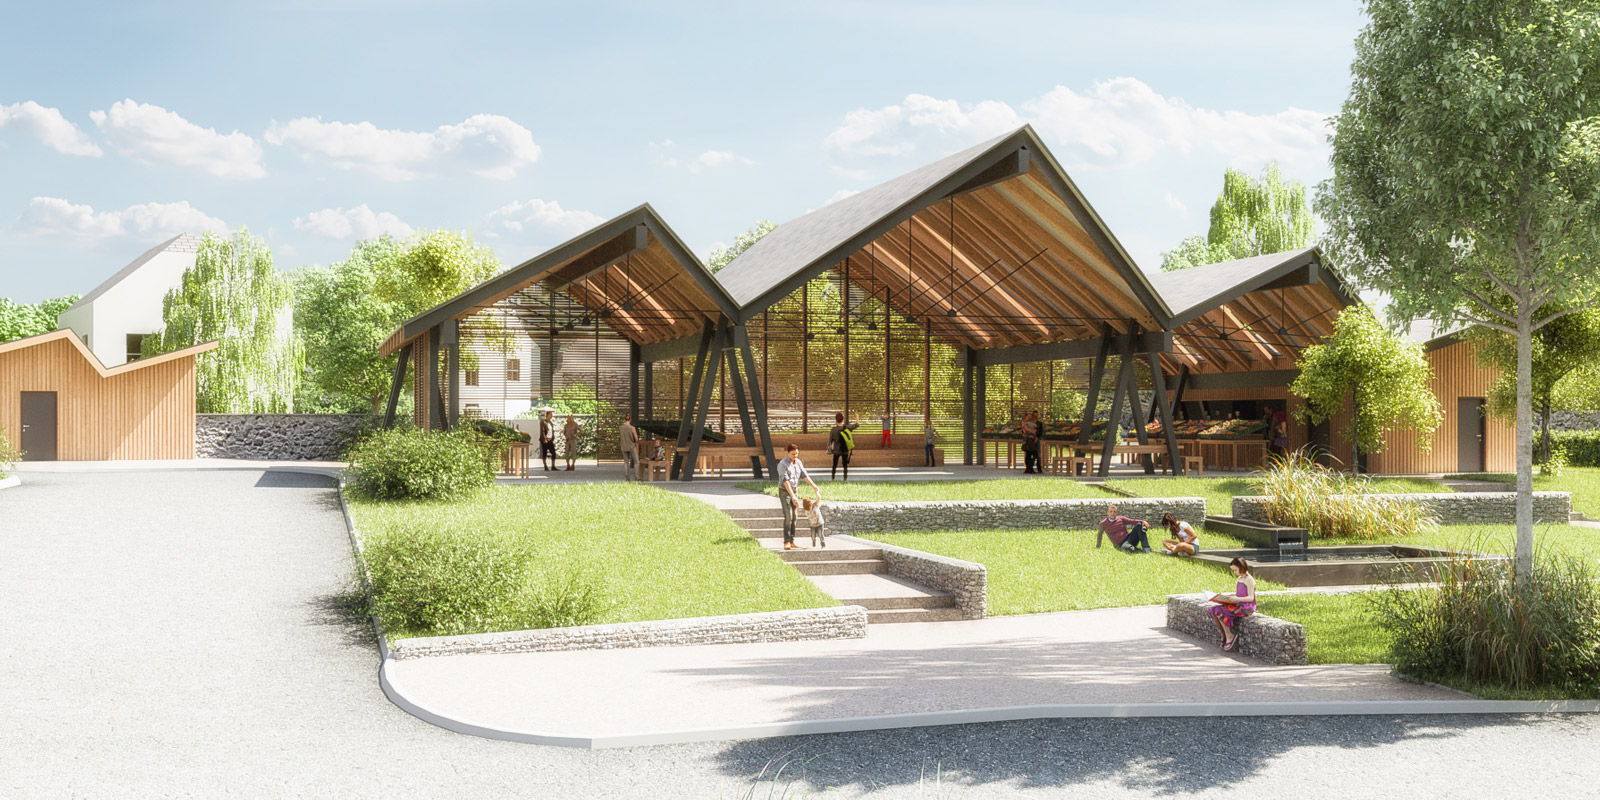 Juillan - Ville des Hautes-Pyrénées - Future Halle